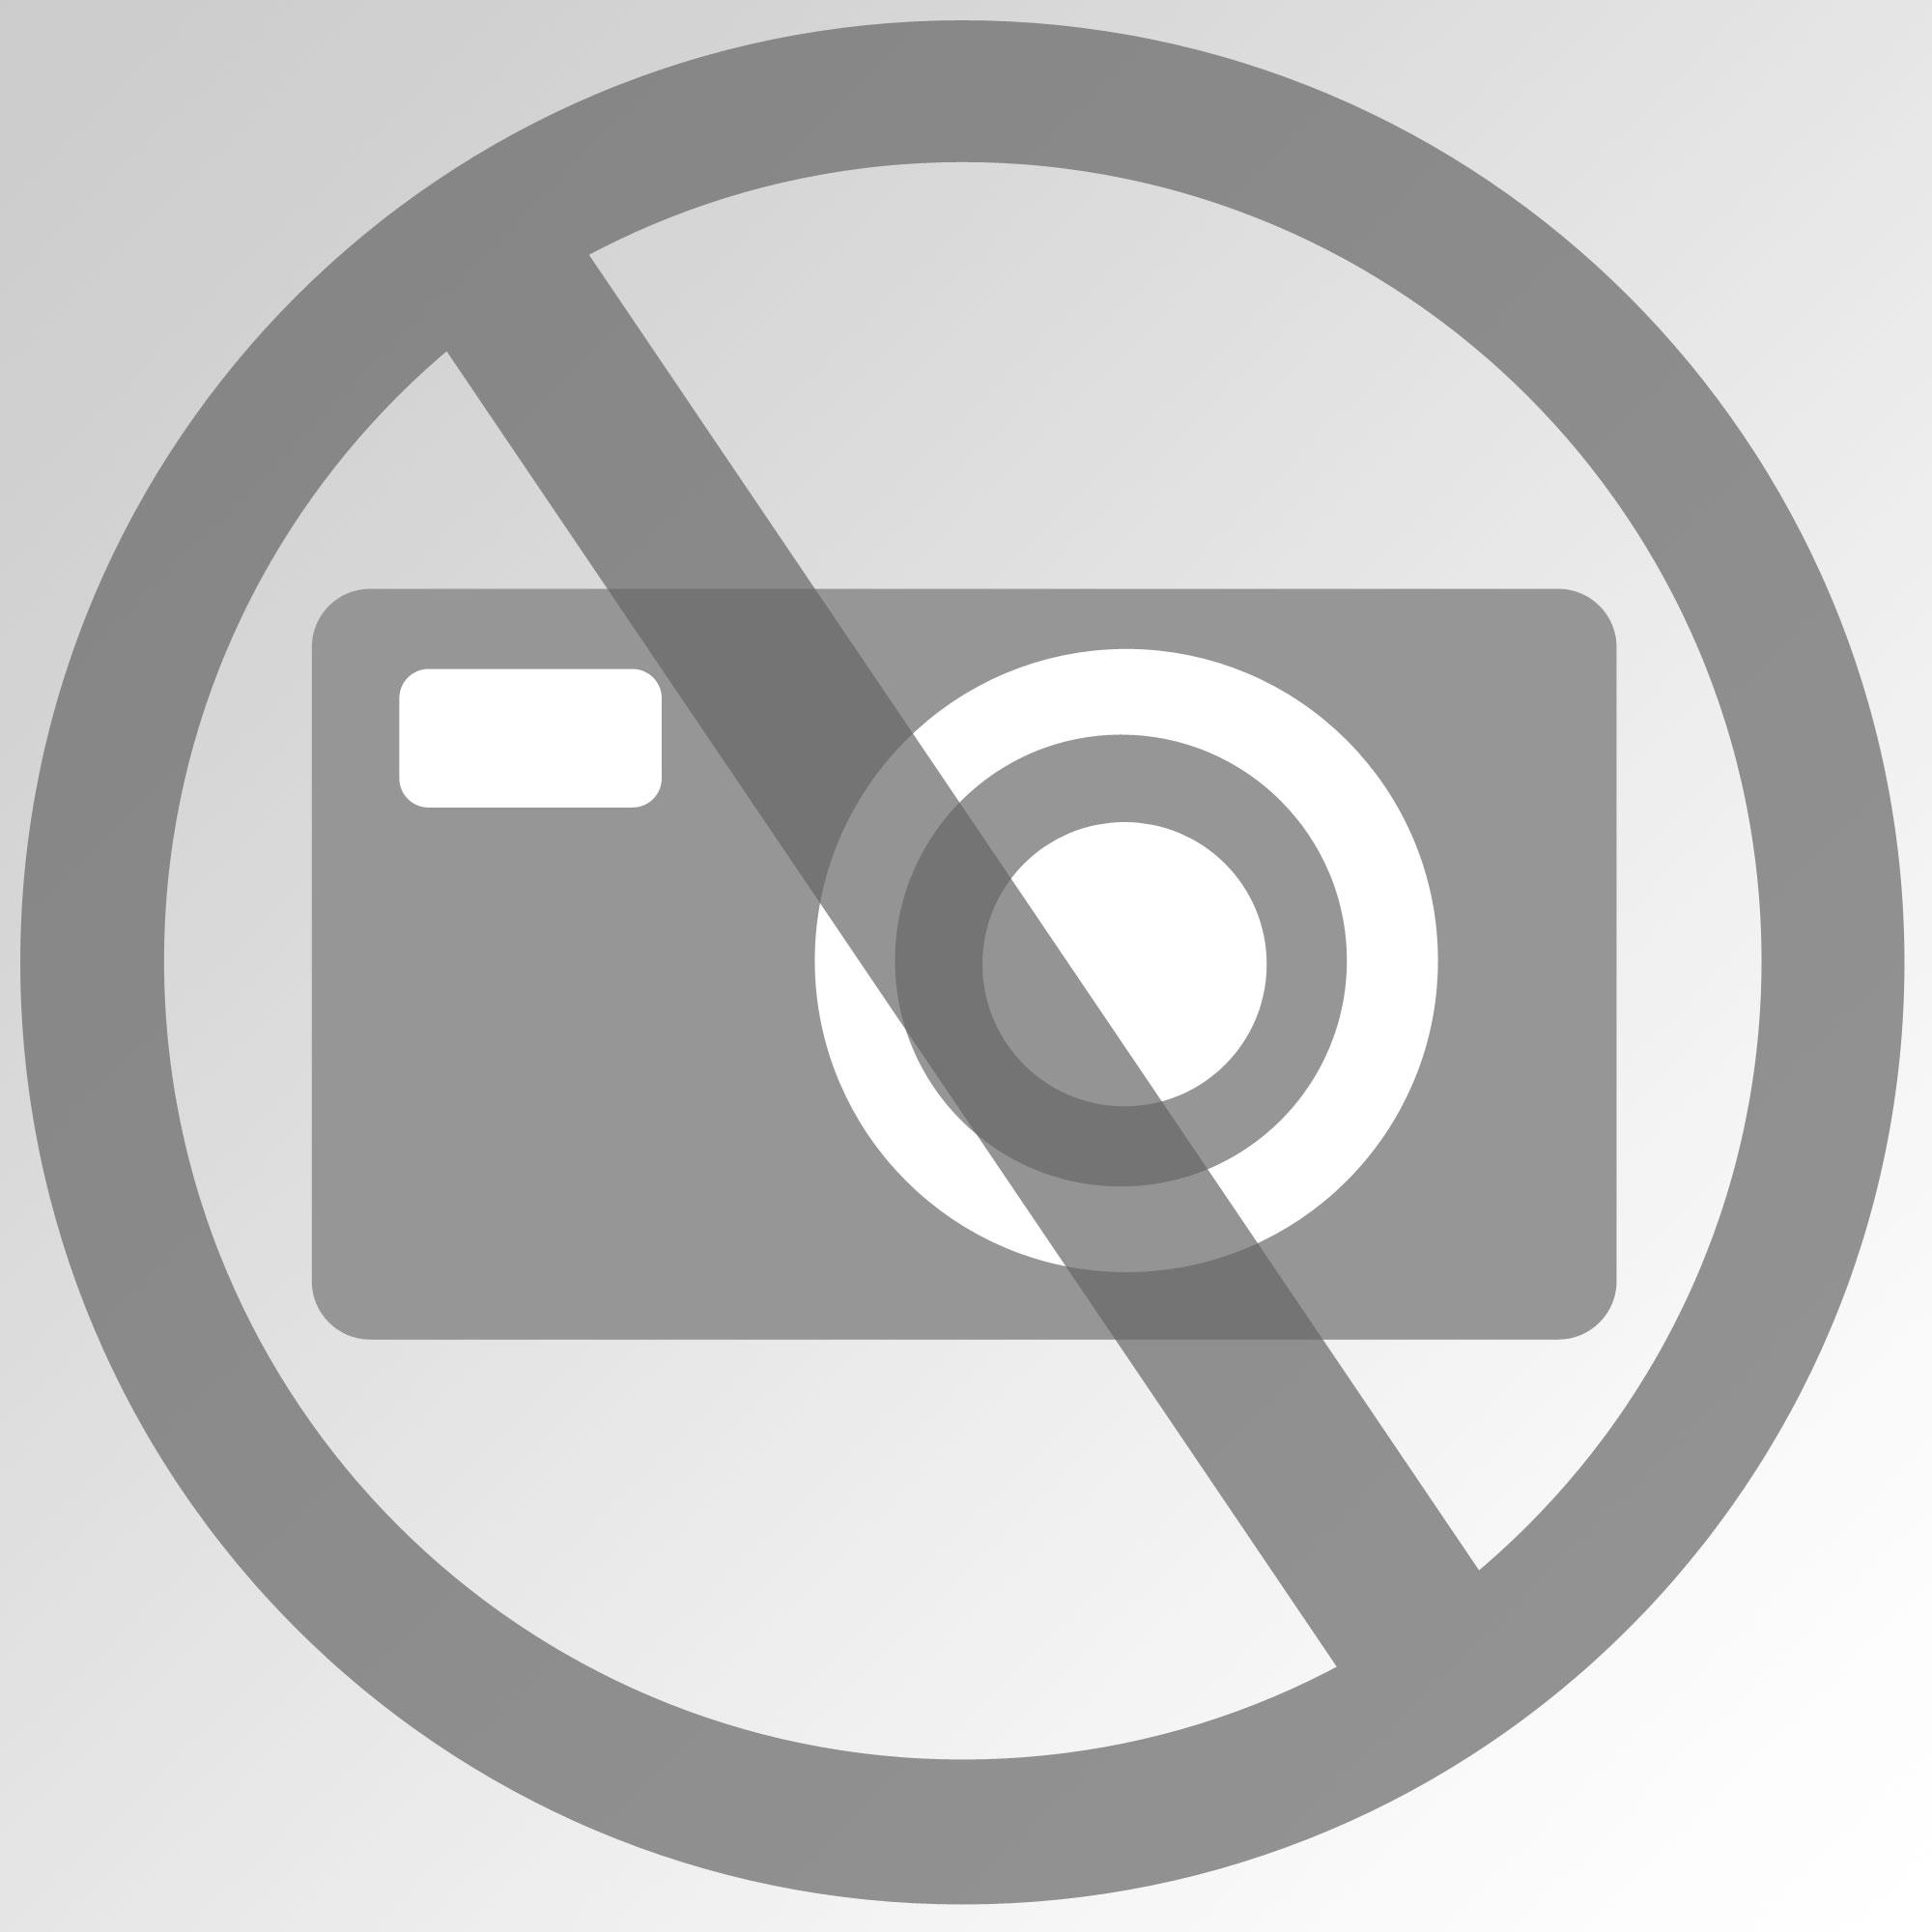 Kleen Purgatis Purex 10 Ltr. Reinigungsessig ökologischer Universalreiniger